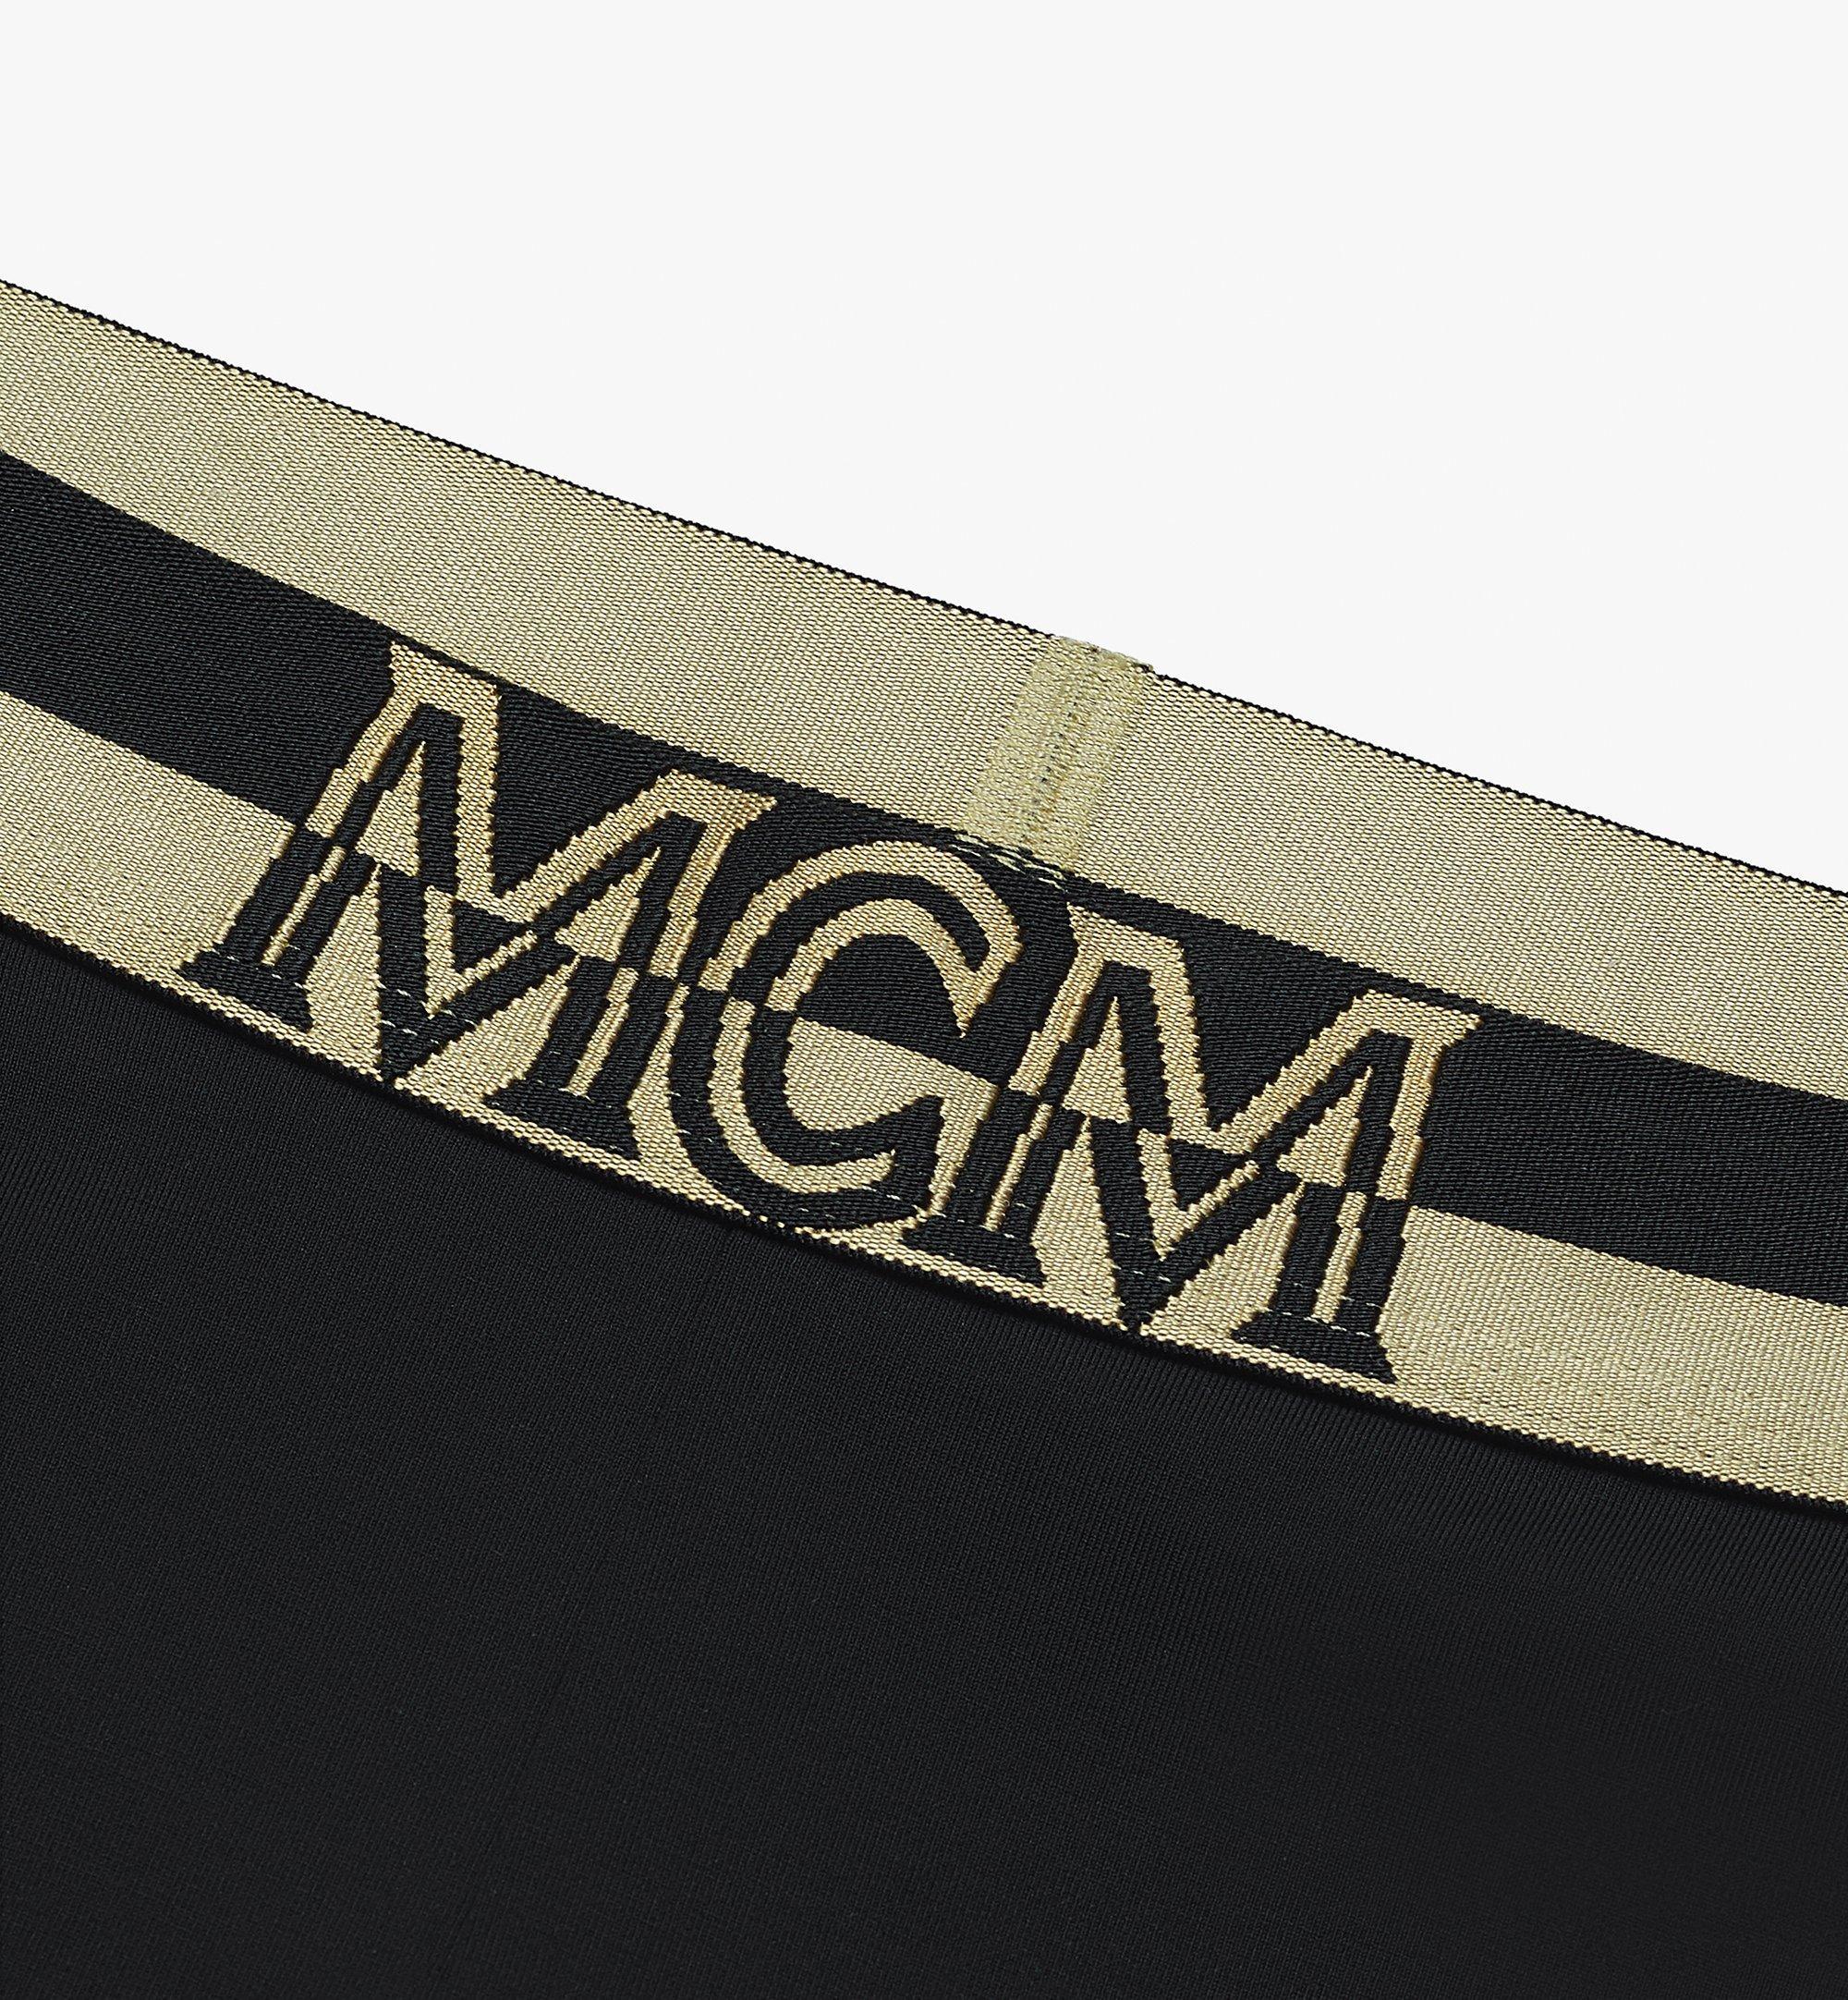 MCM Women's 1976 Leggings Black MFPASBM01BK00S Alternate View 2